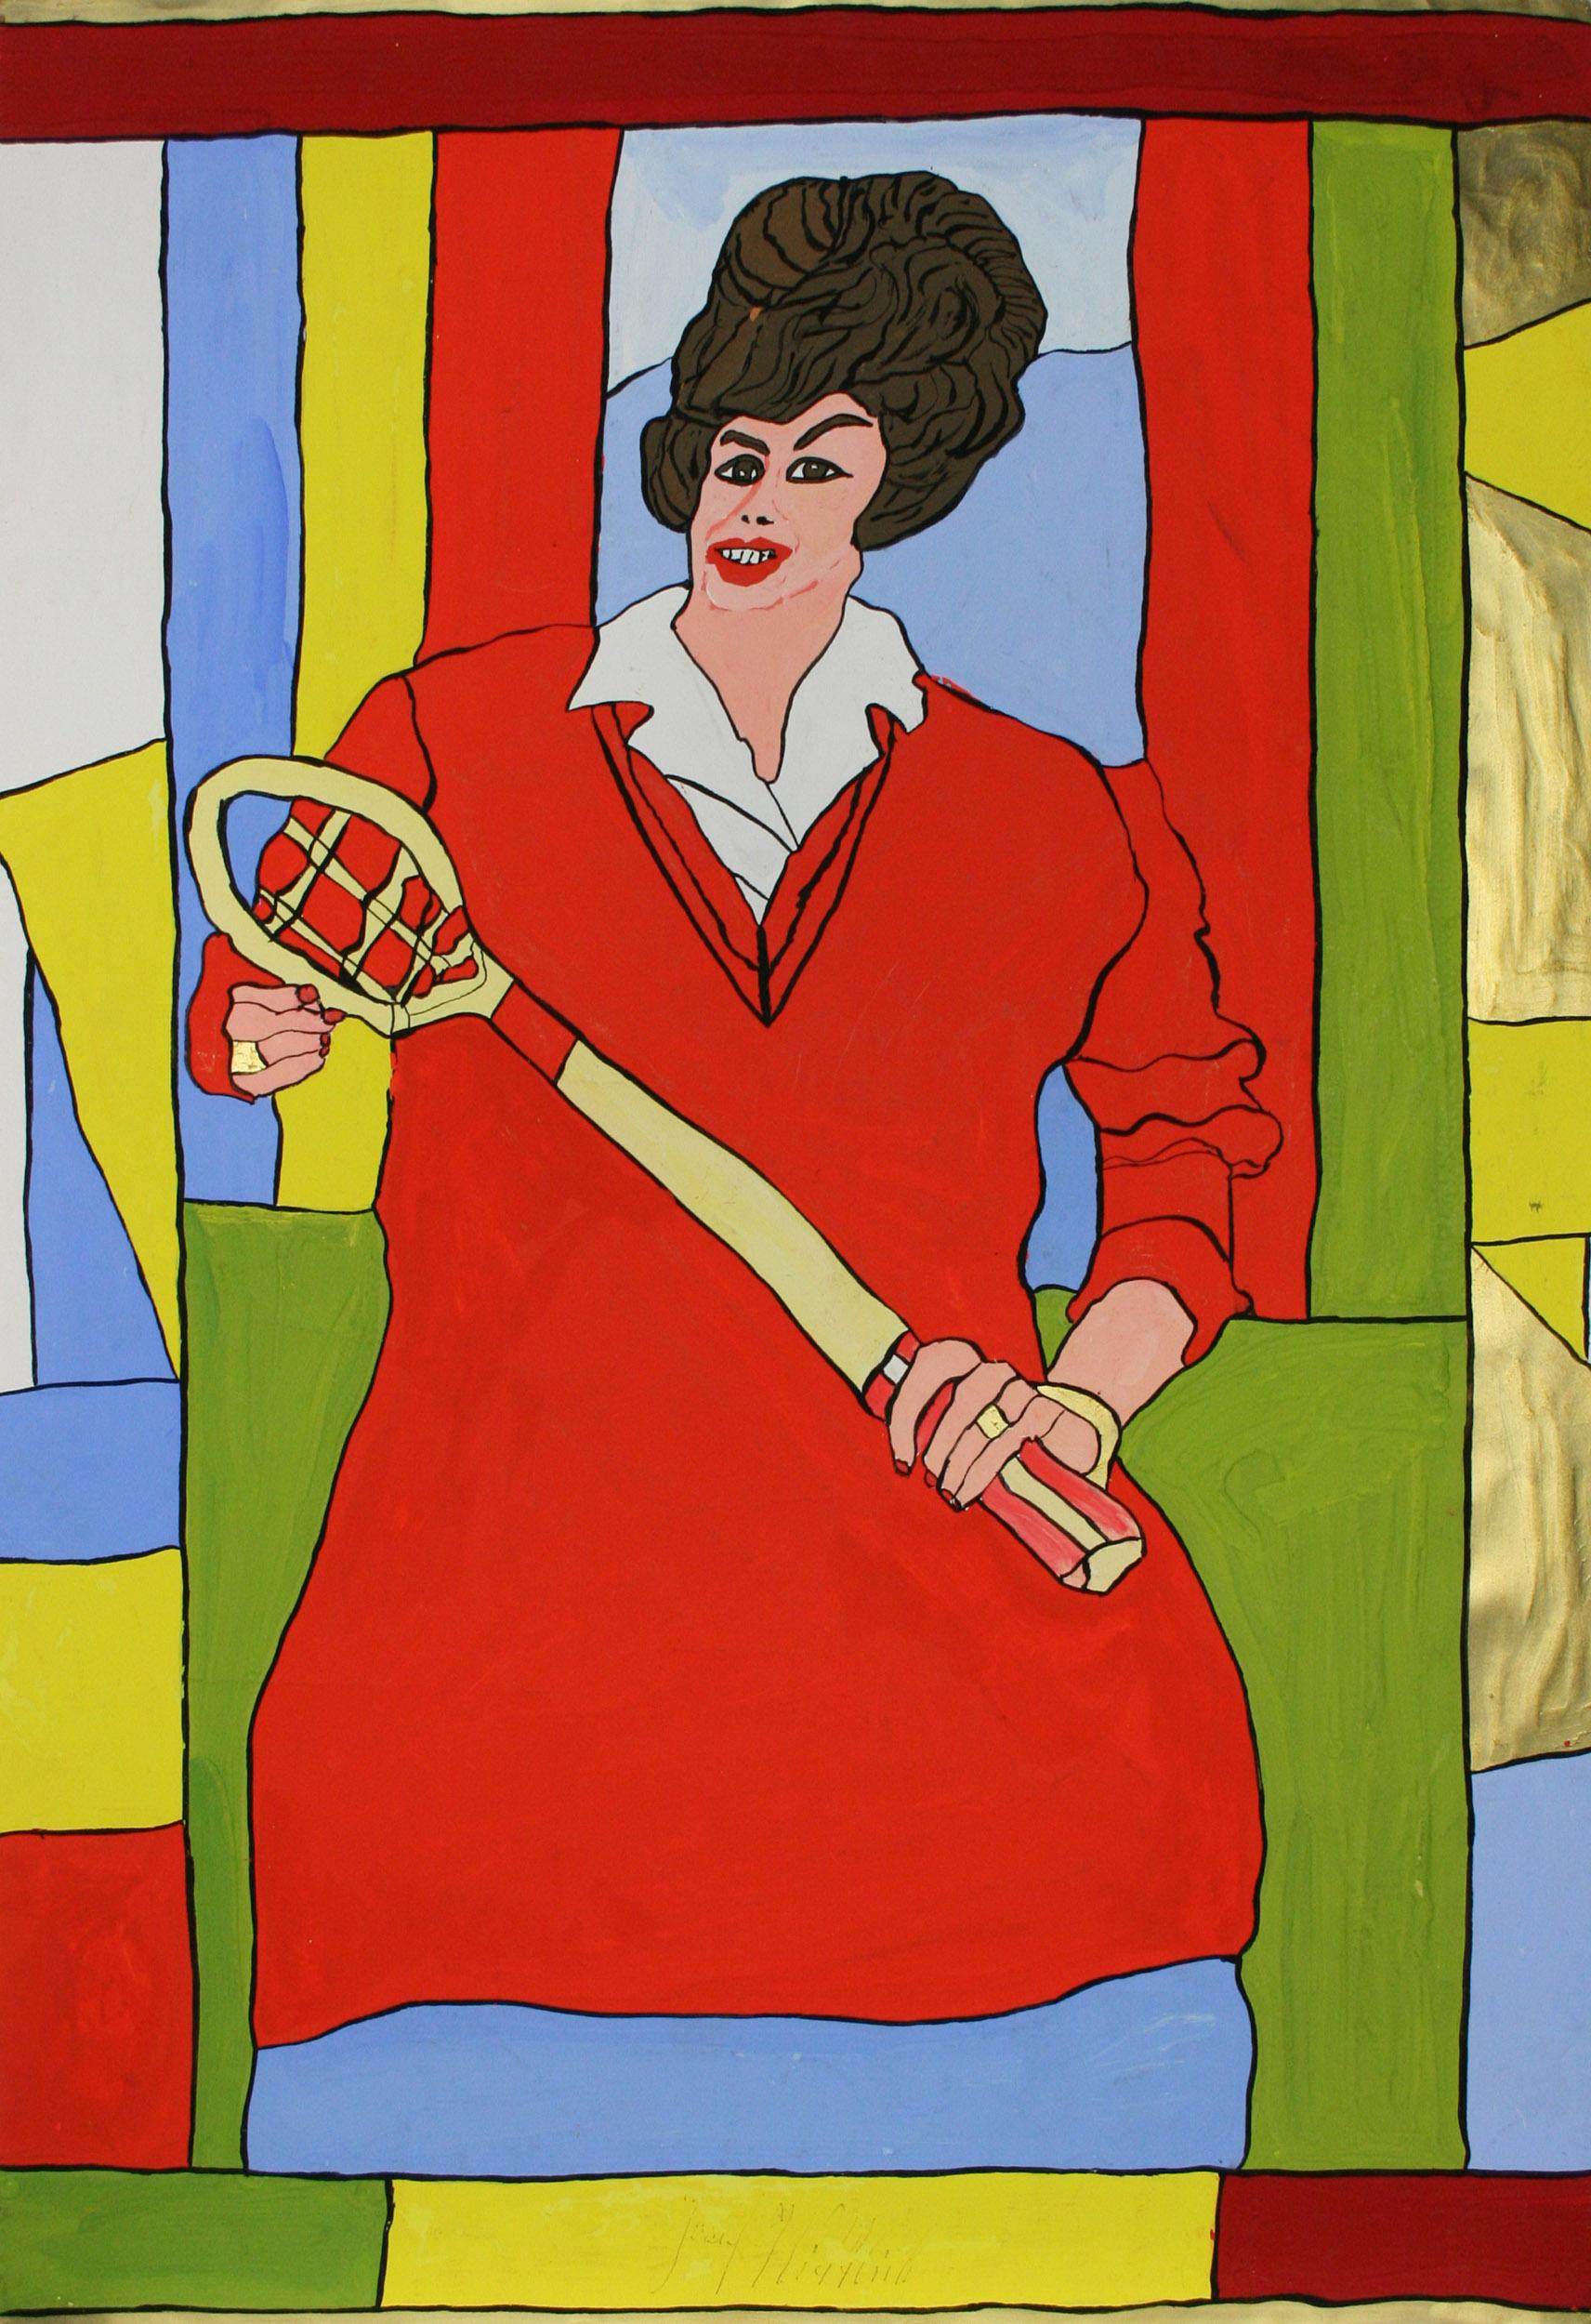 wittlich josef - Frau in rotem Kleid mit Tennisschläger / Woman in red Dress with tennis racket